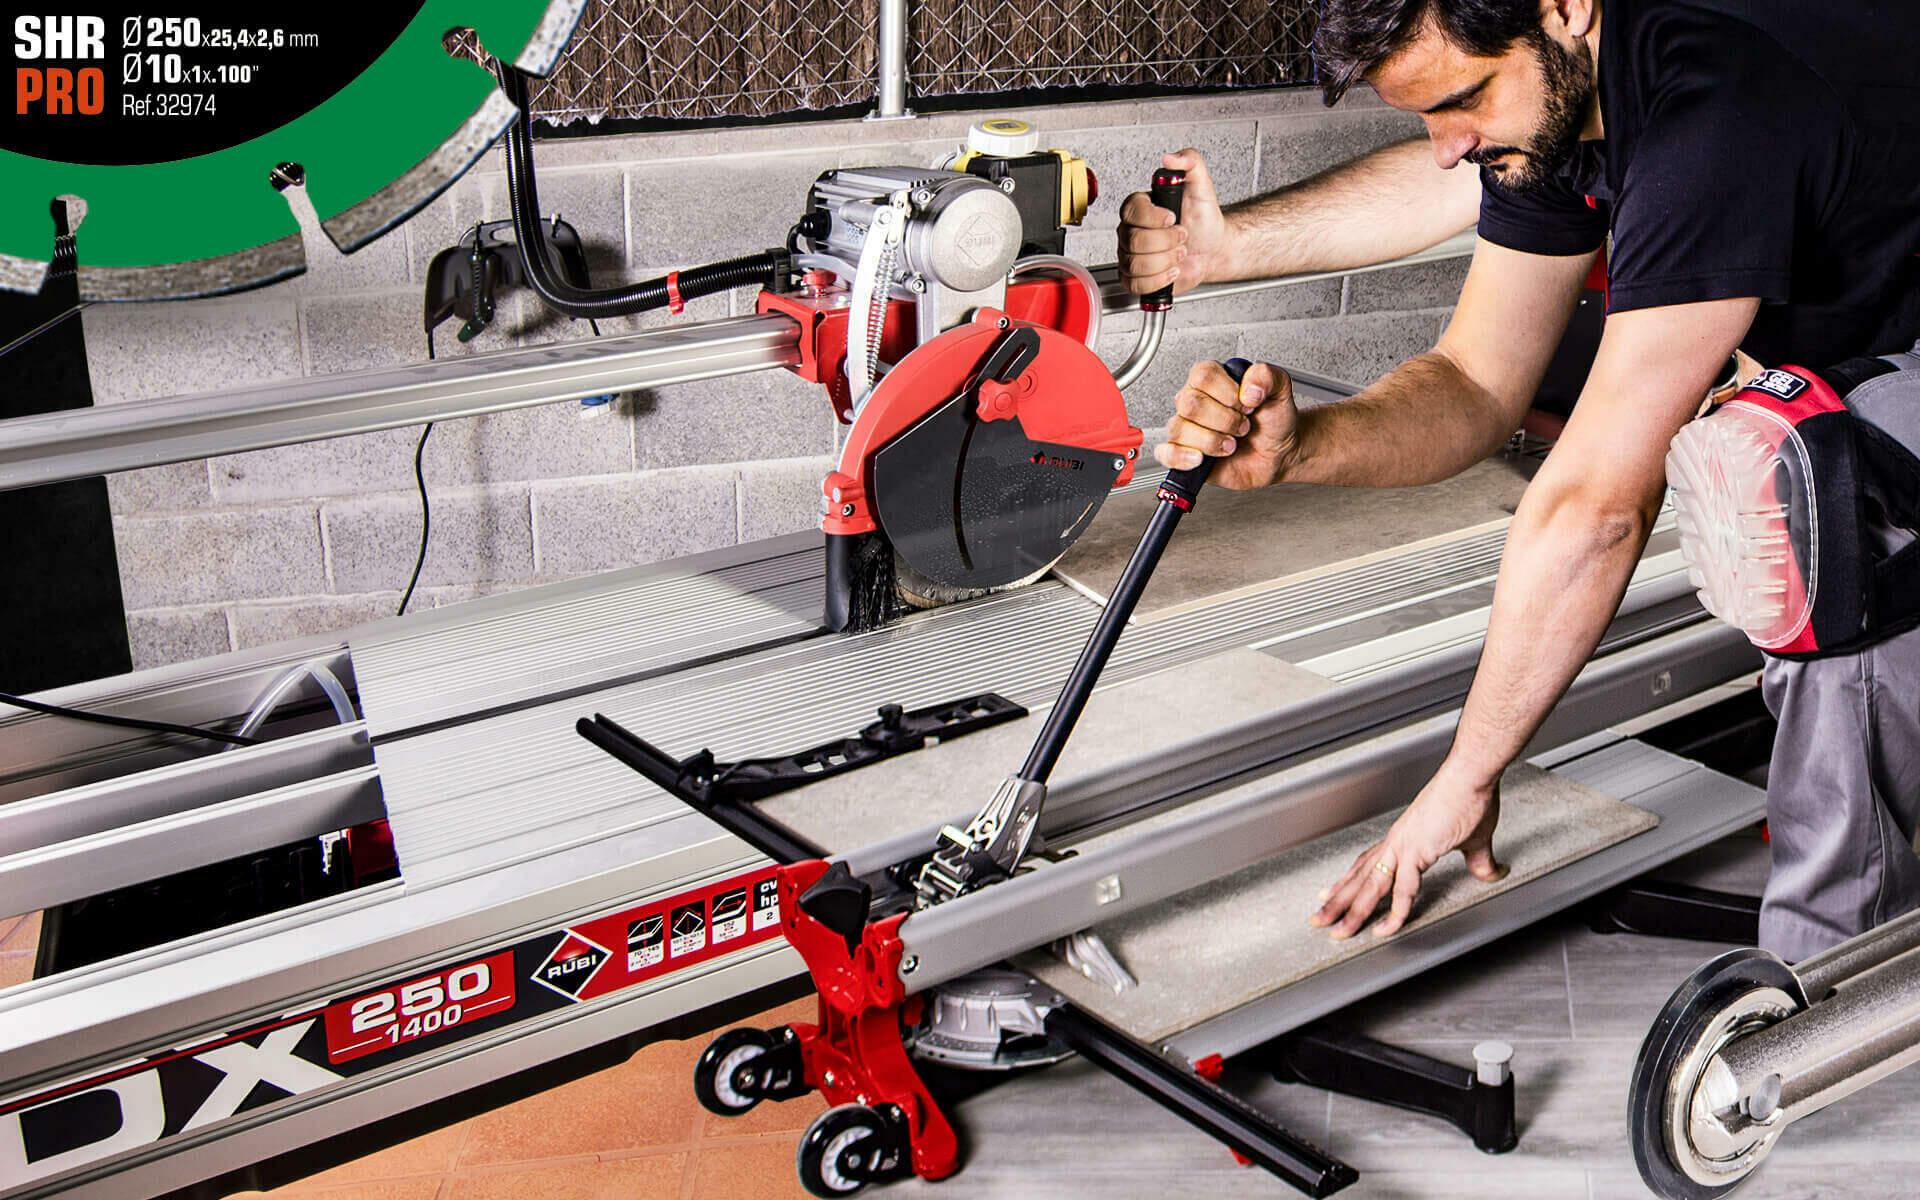 Een tegelsnijder en tegelzaagmachine met dezelfde lengte staan naast elkaar om een tegel te snijden en te zagen.